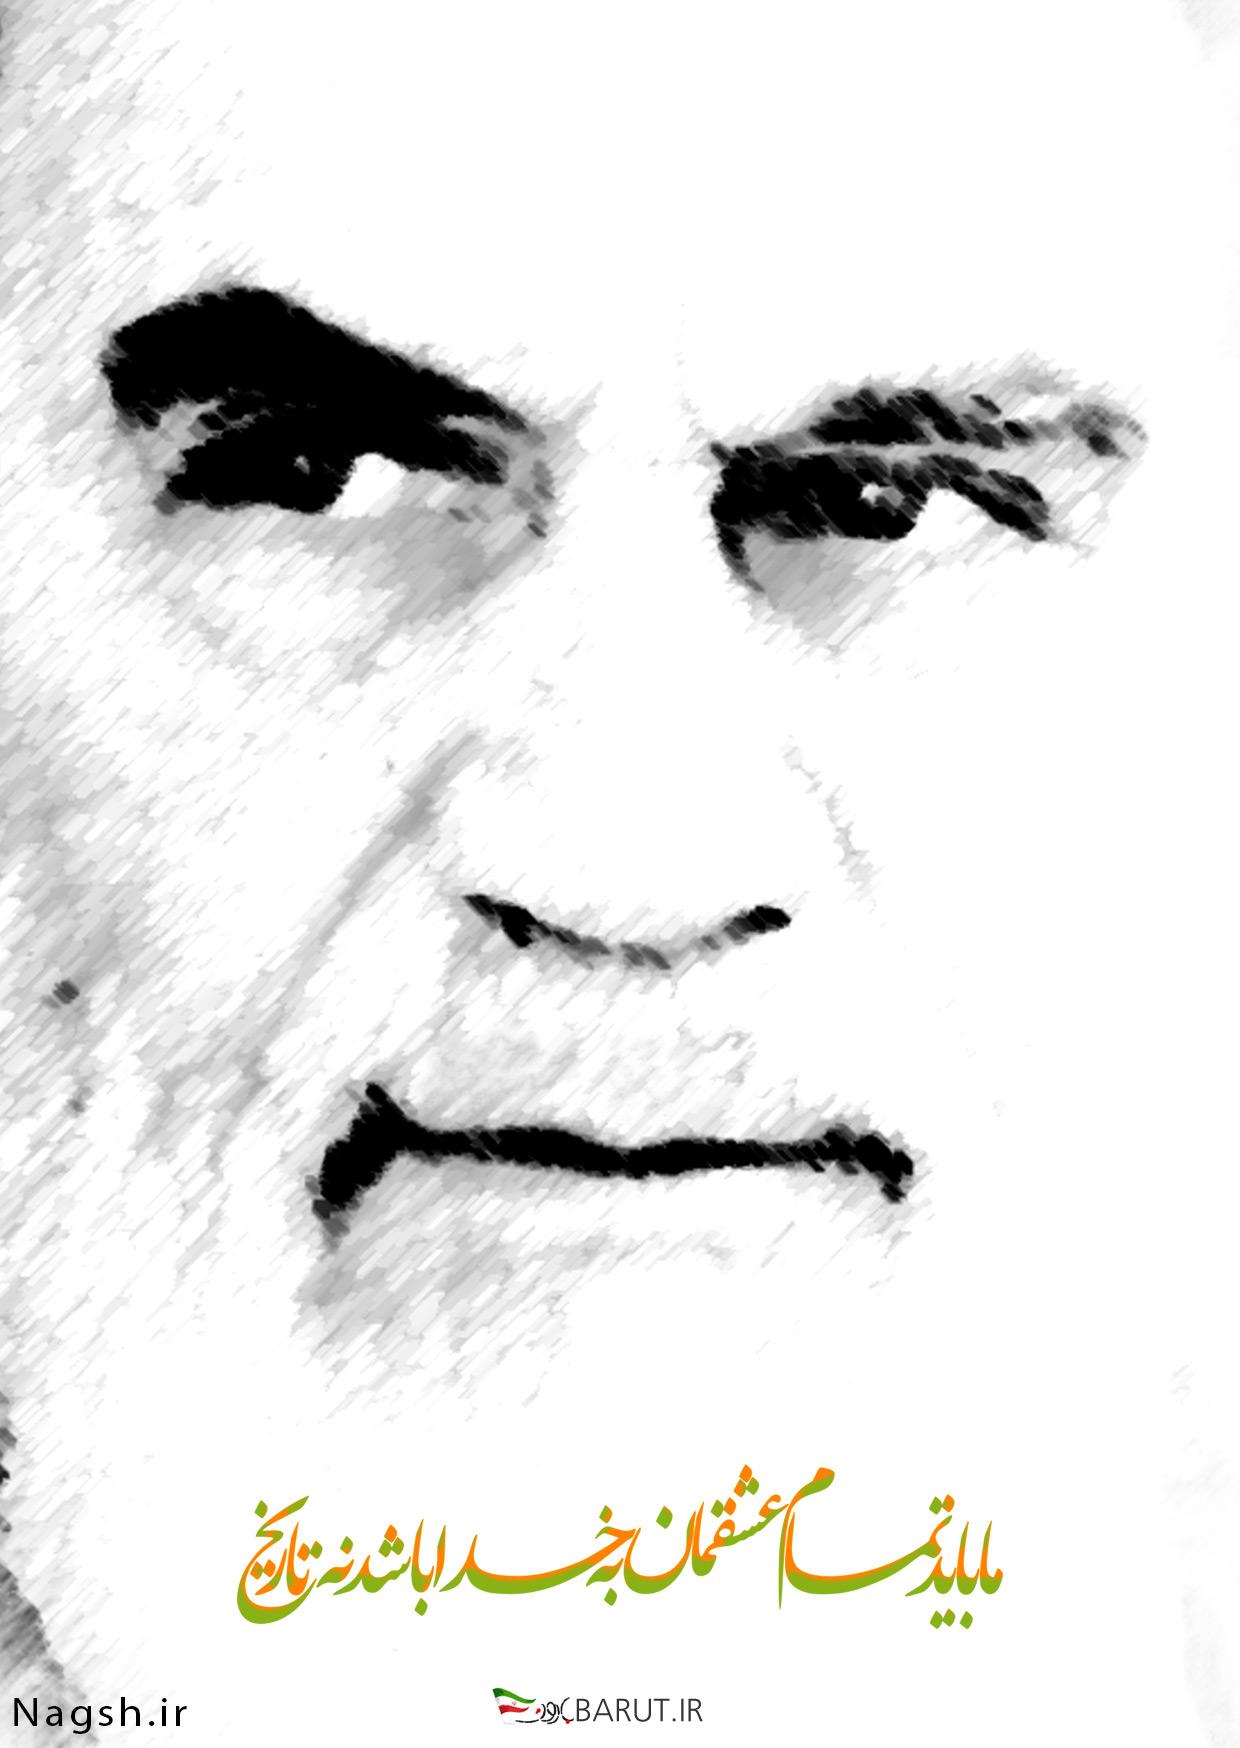 تصویر صورت امام خمینی